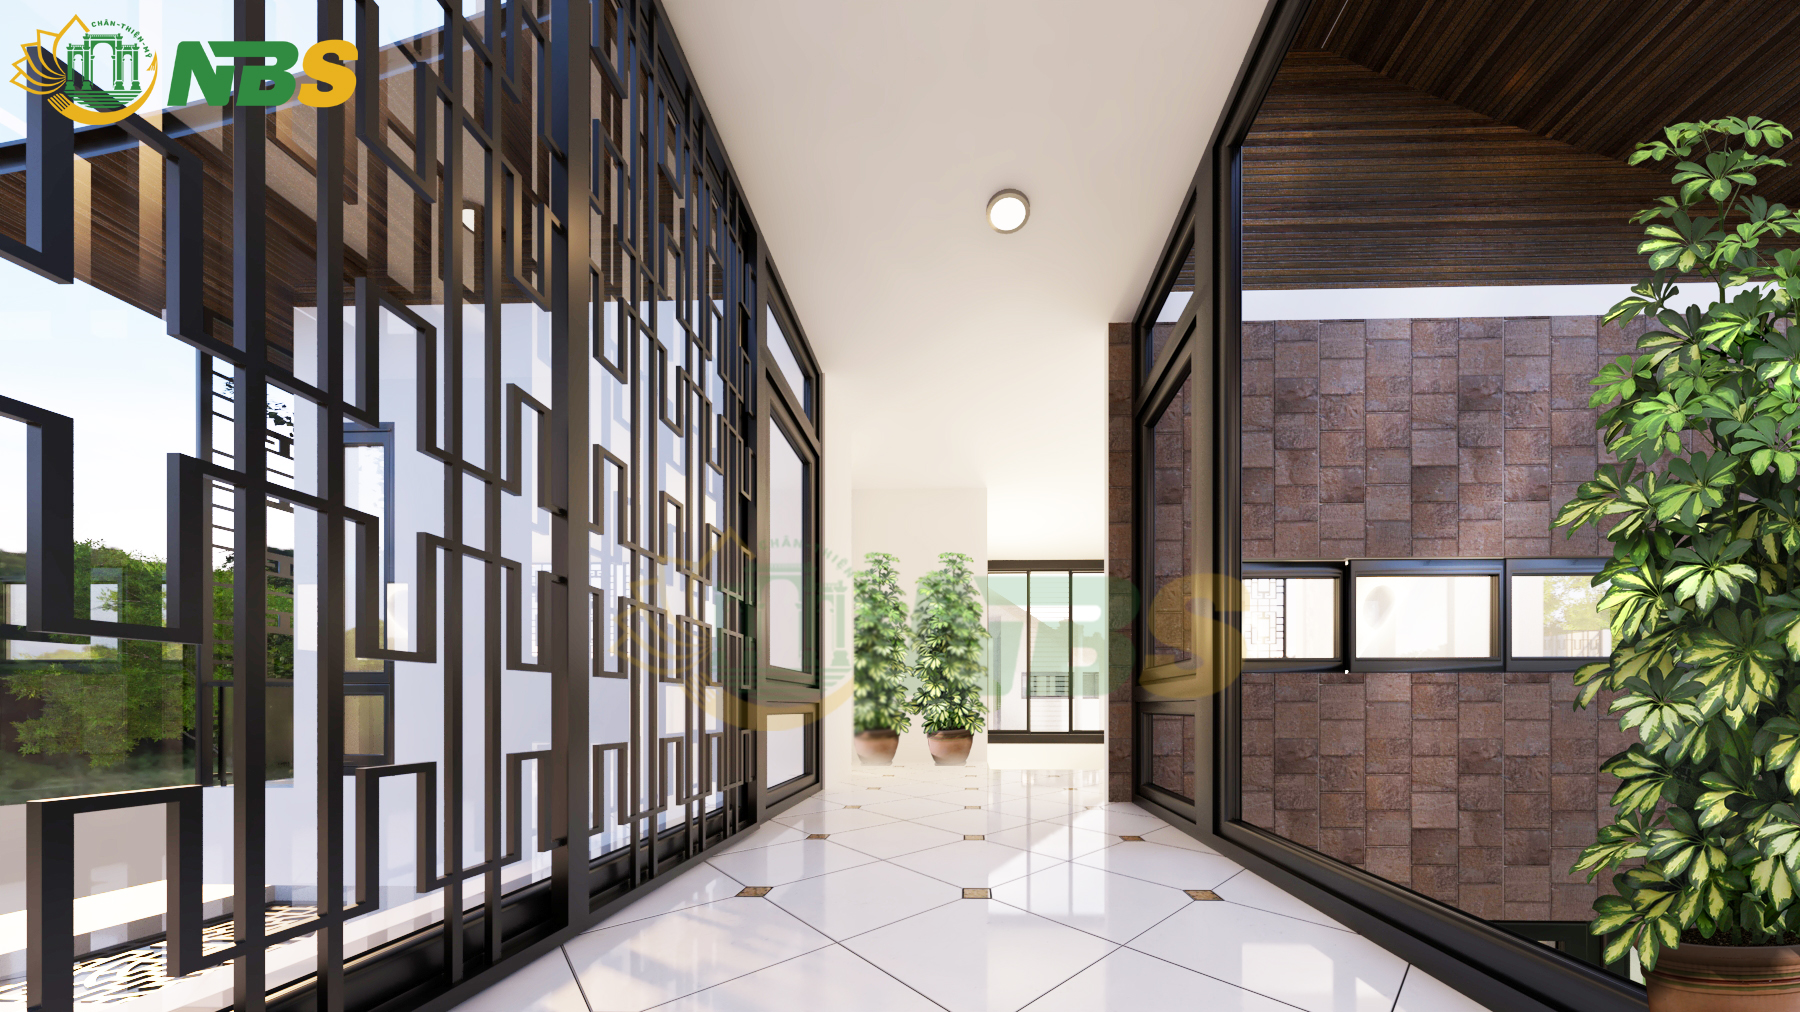 Nhà chính được làm chủ yếu bằng vật liệu gỗ